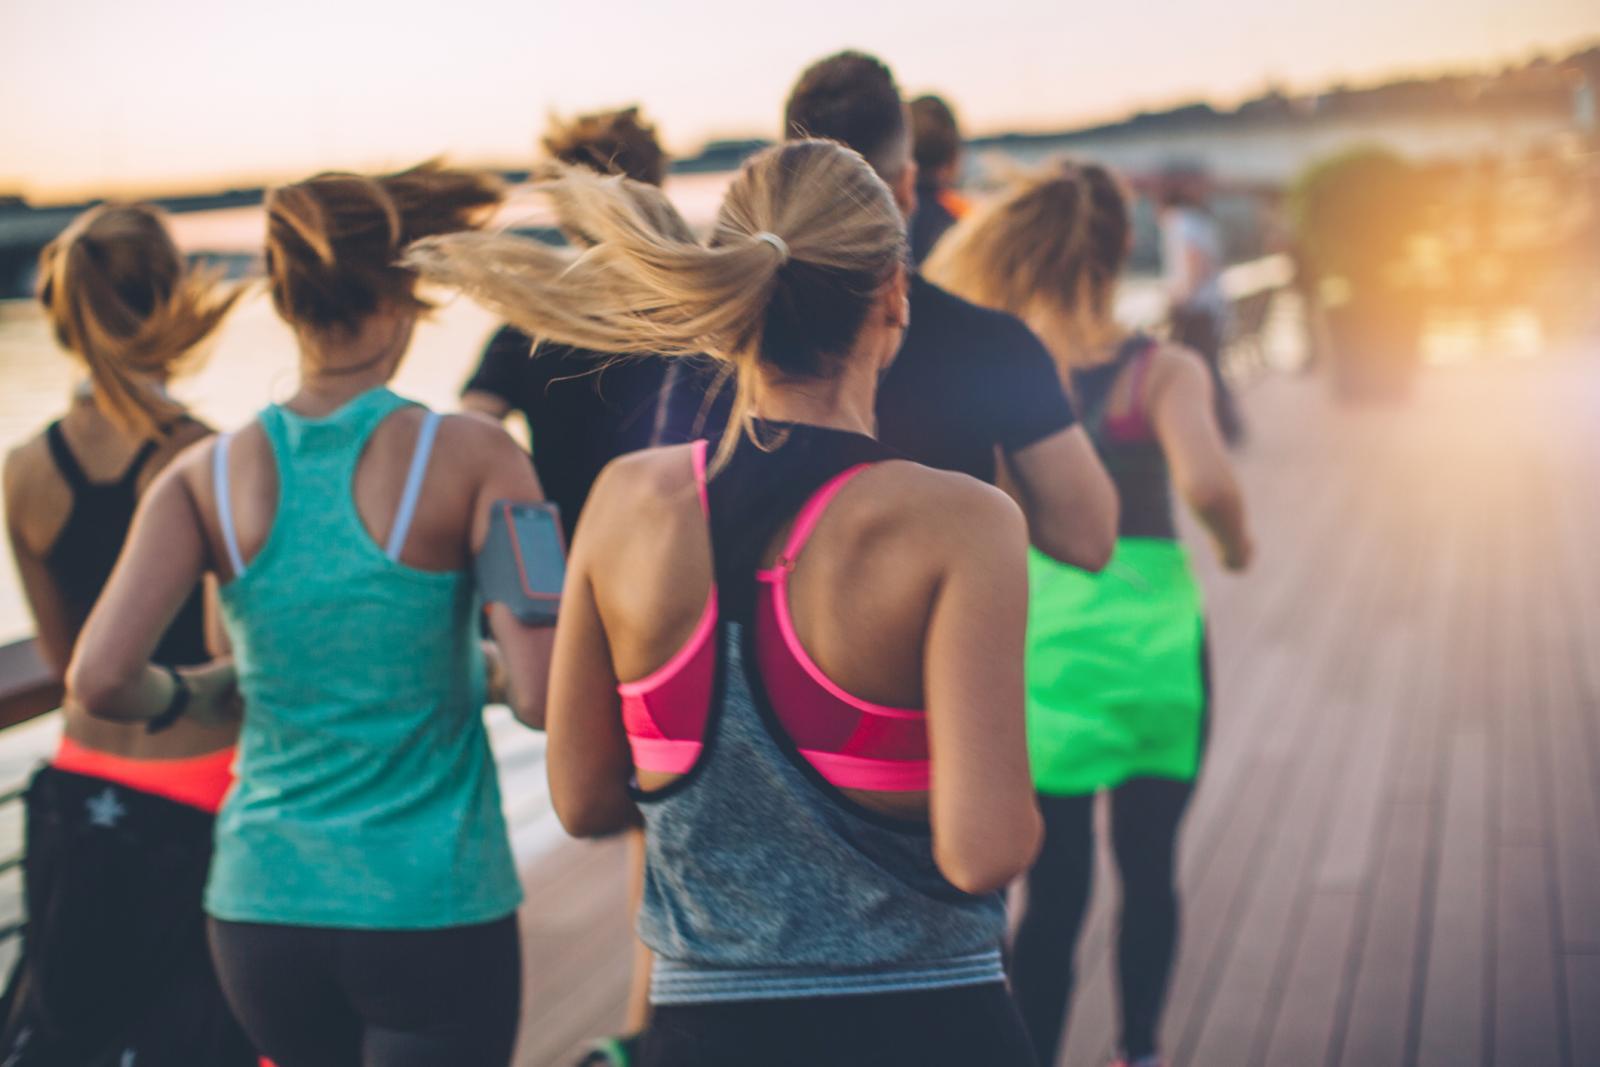 Već 1. travnja u Slavoniji će se okupiti trkači iz cijele zemlje na Osječkom Ferivi polumaratonu.